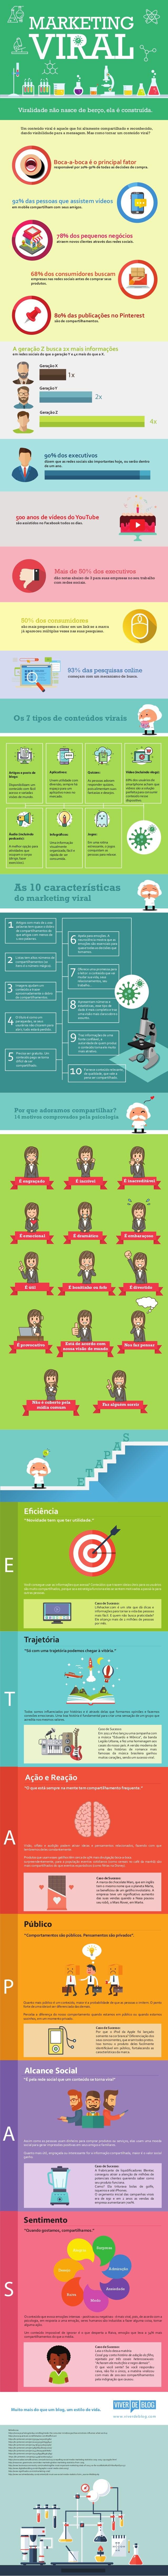 Muito mais do que um blog, um estilo de vida. www.viverdeblog.com Referências https://www.psychologytoday.com/blog/inside-...